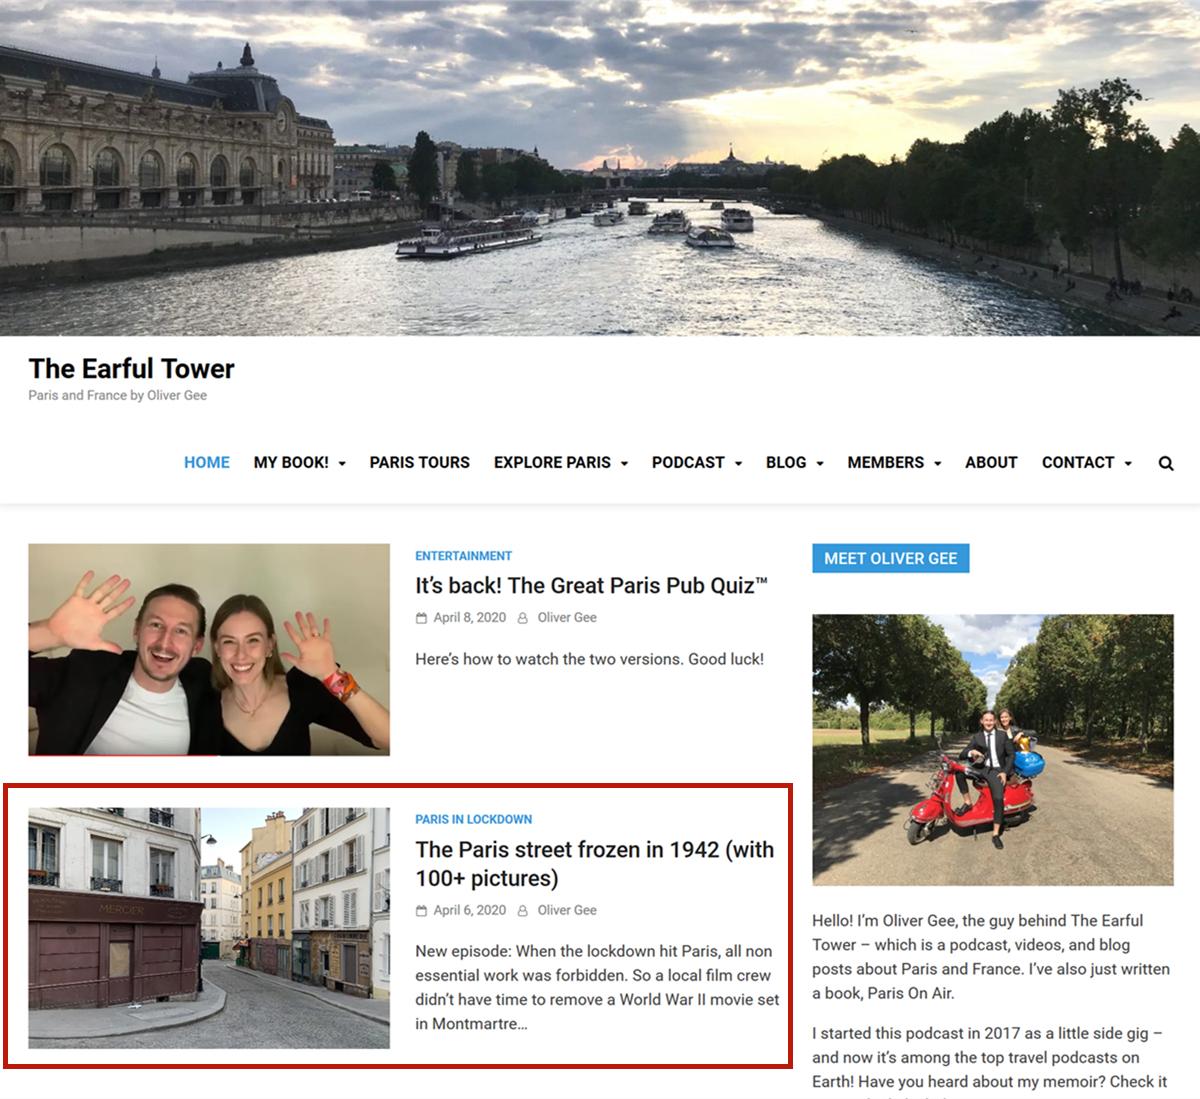 本文图片均为澳大利亚播客主奥利佛·吉的幼我网站The Earful Tower截图。红色片面为其贴出的图集。